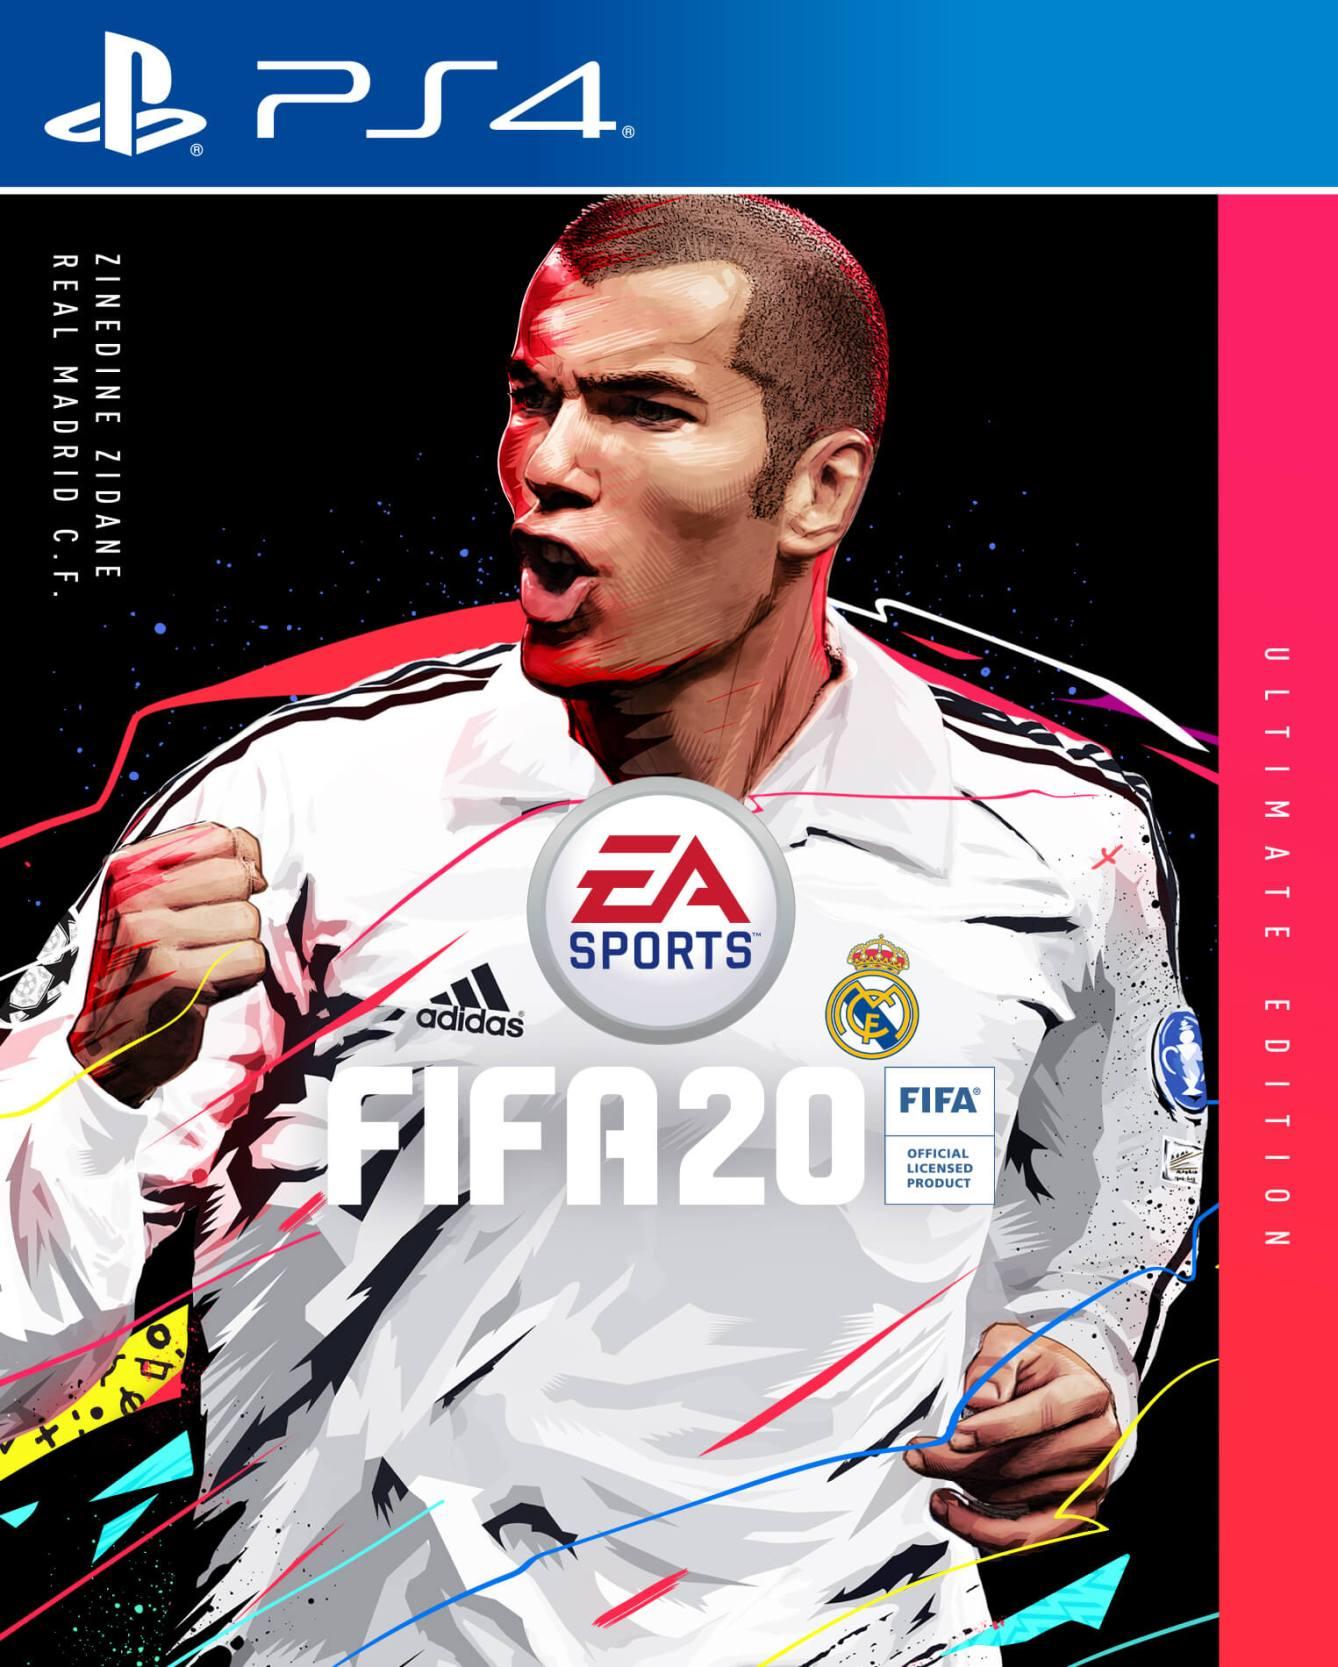 FIFA 20 Portada edición Ultimate